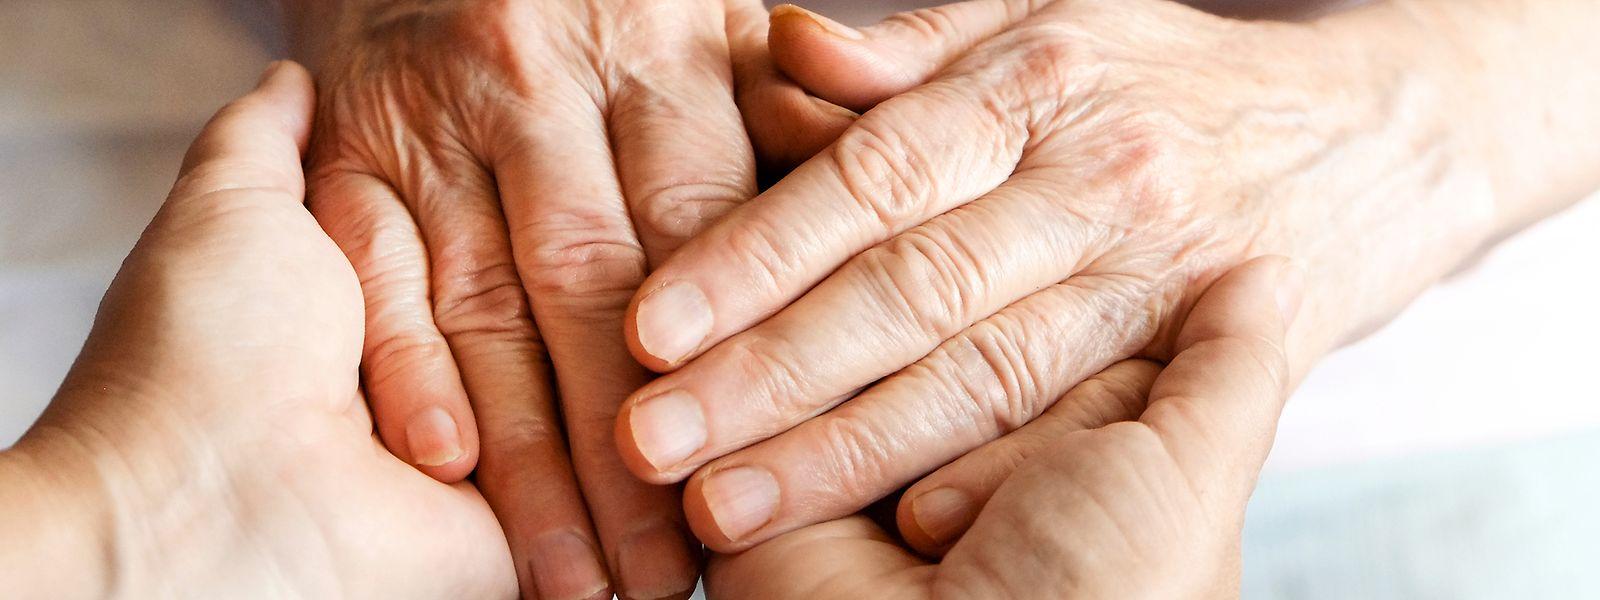 Selon les dernières données du ministère de la Santé, 52 cas d'euthanasie ont été recensés depuis 2009 au Luxembourg.